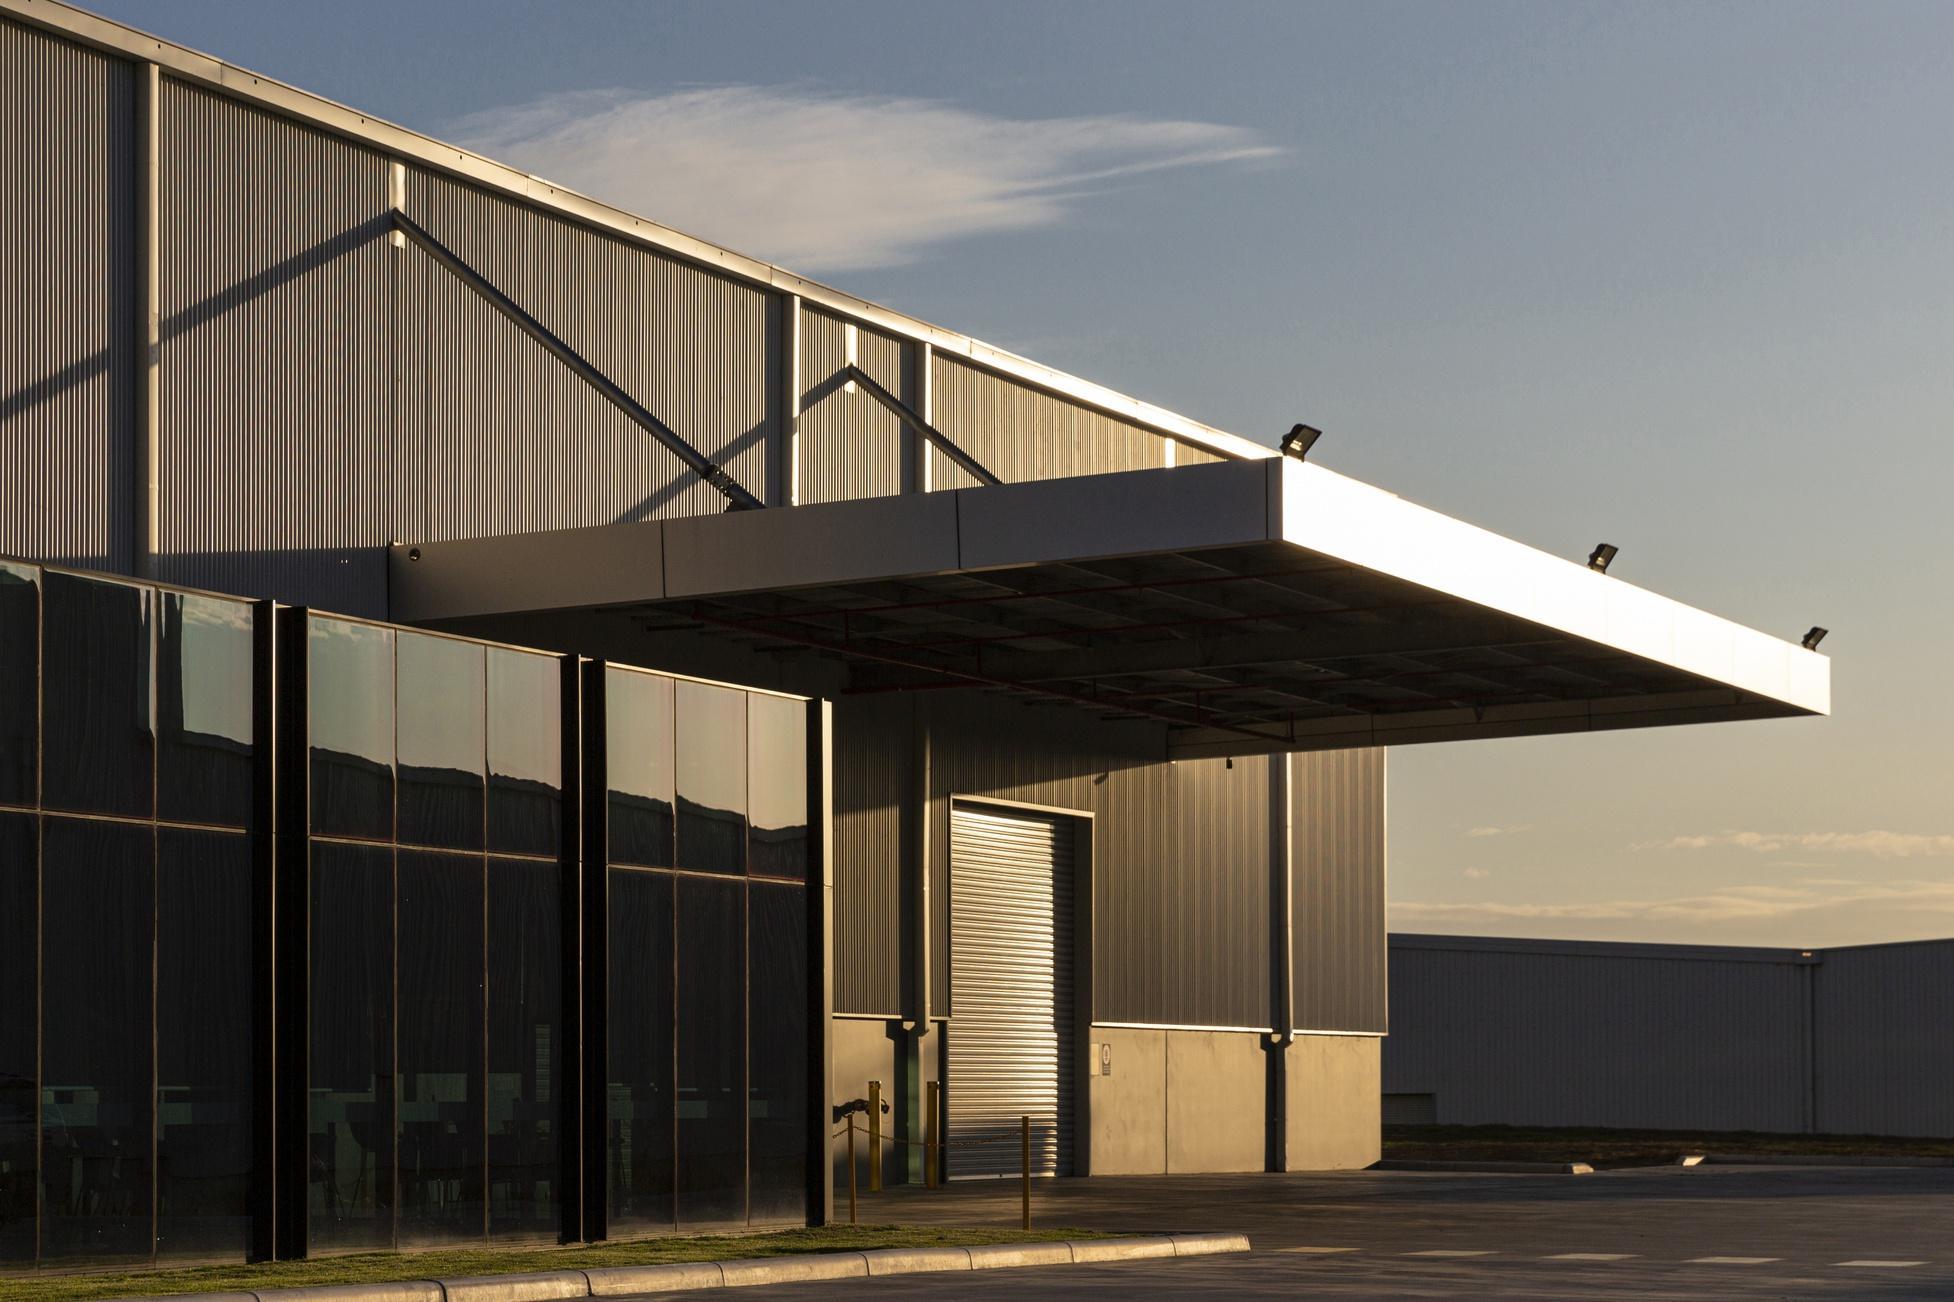 Arquitetura de escritórios e armazéns industriais banhados pela luz da tarde